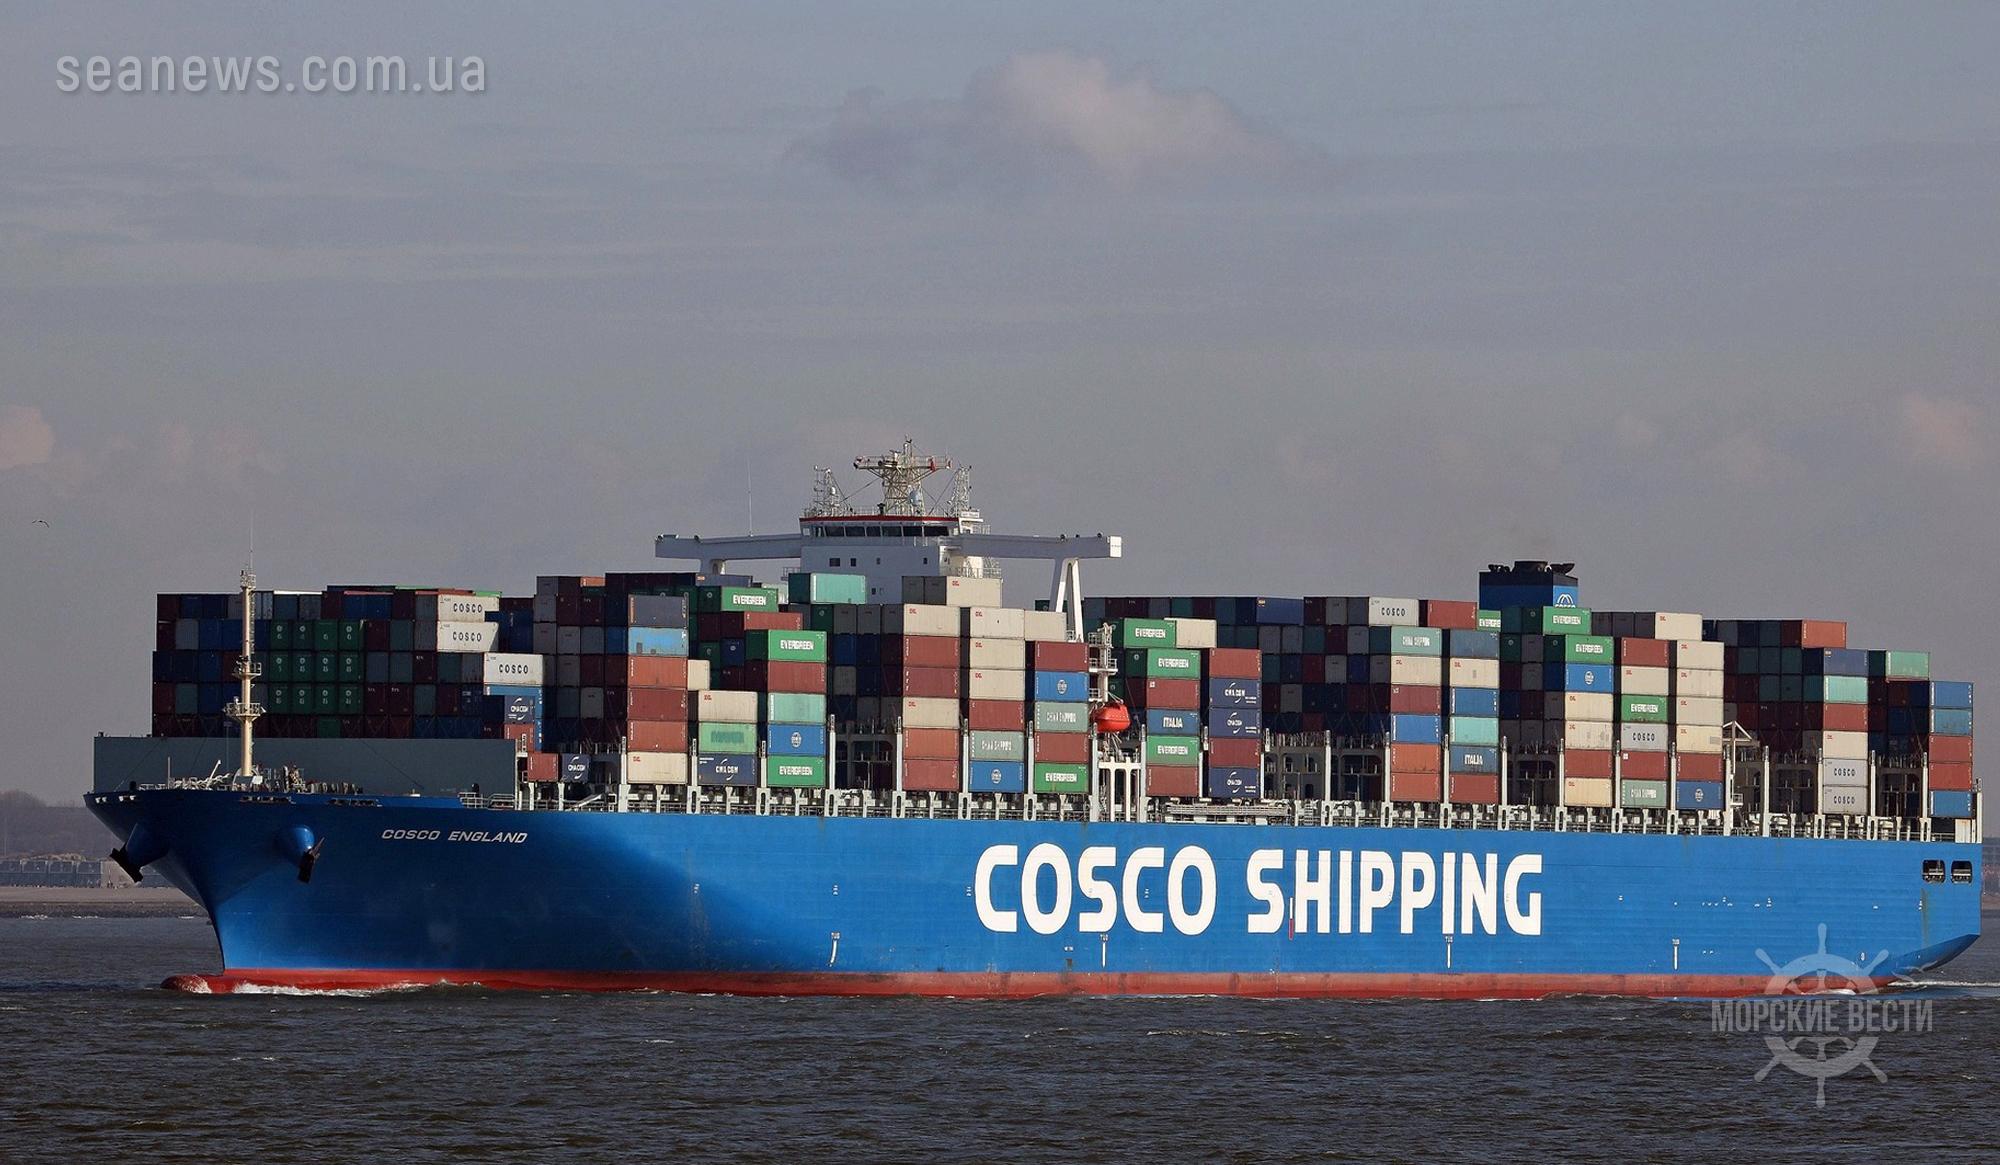 Контейнеровоз COSCO ENGLAND сел на мель в Японском море